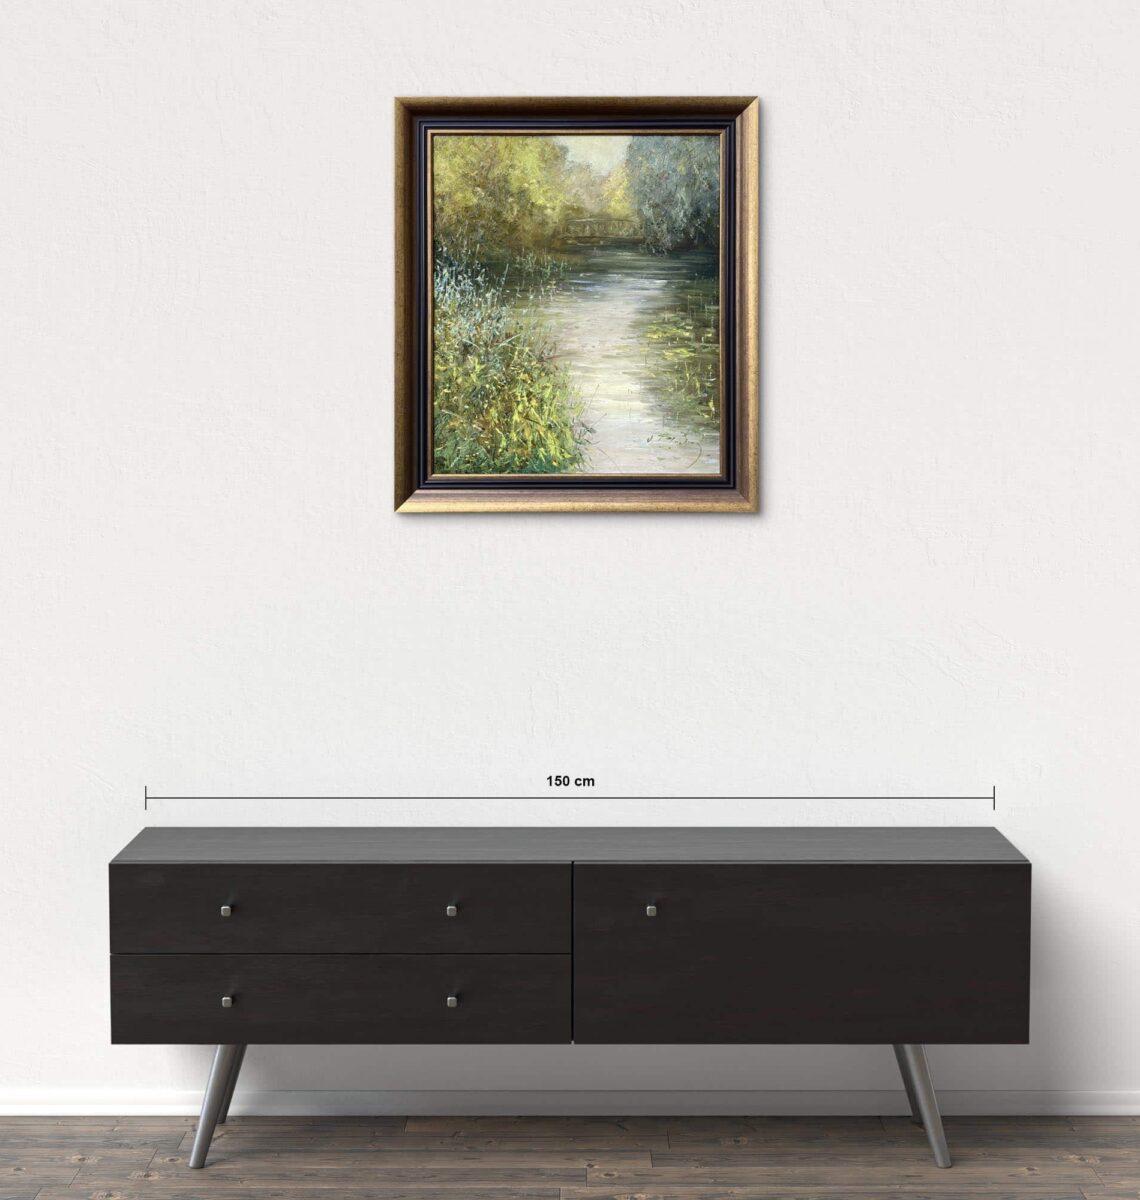 Názov: Jazierko / Rozmery: 60x50 cm / Rok: 2018 / Technika: Olejomaľba